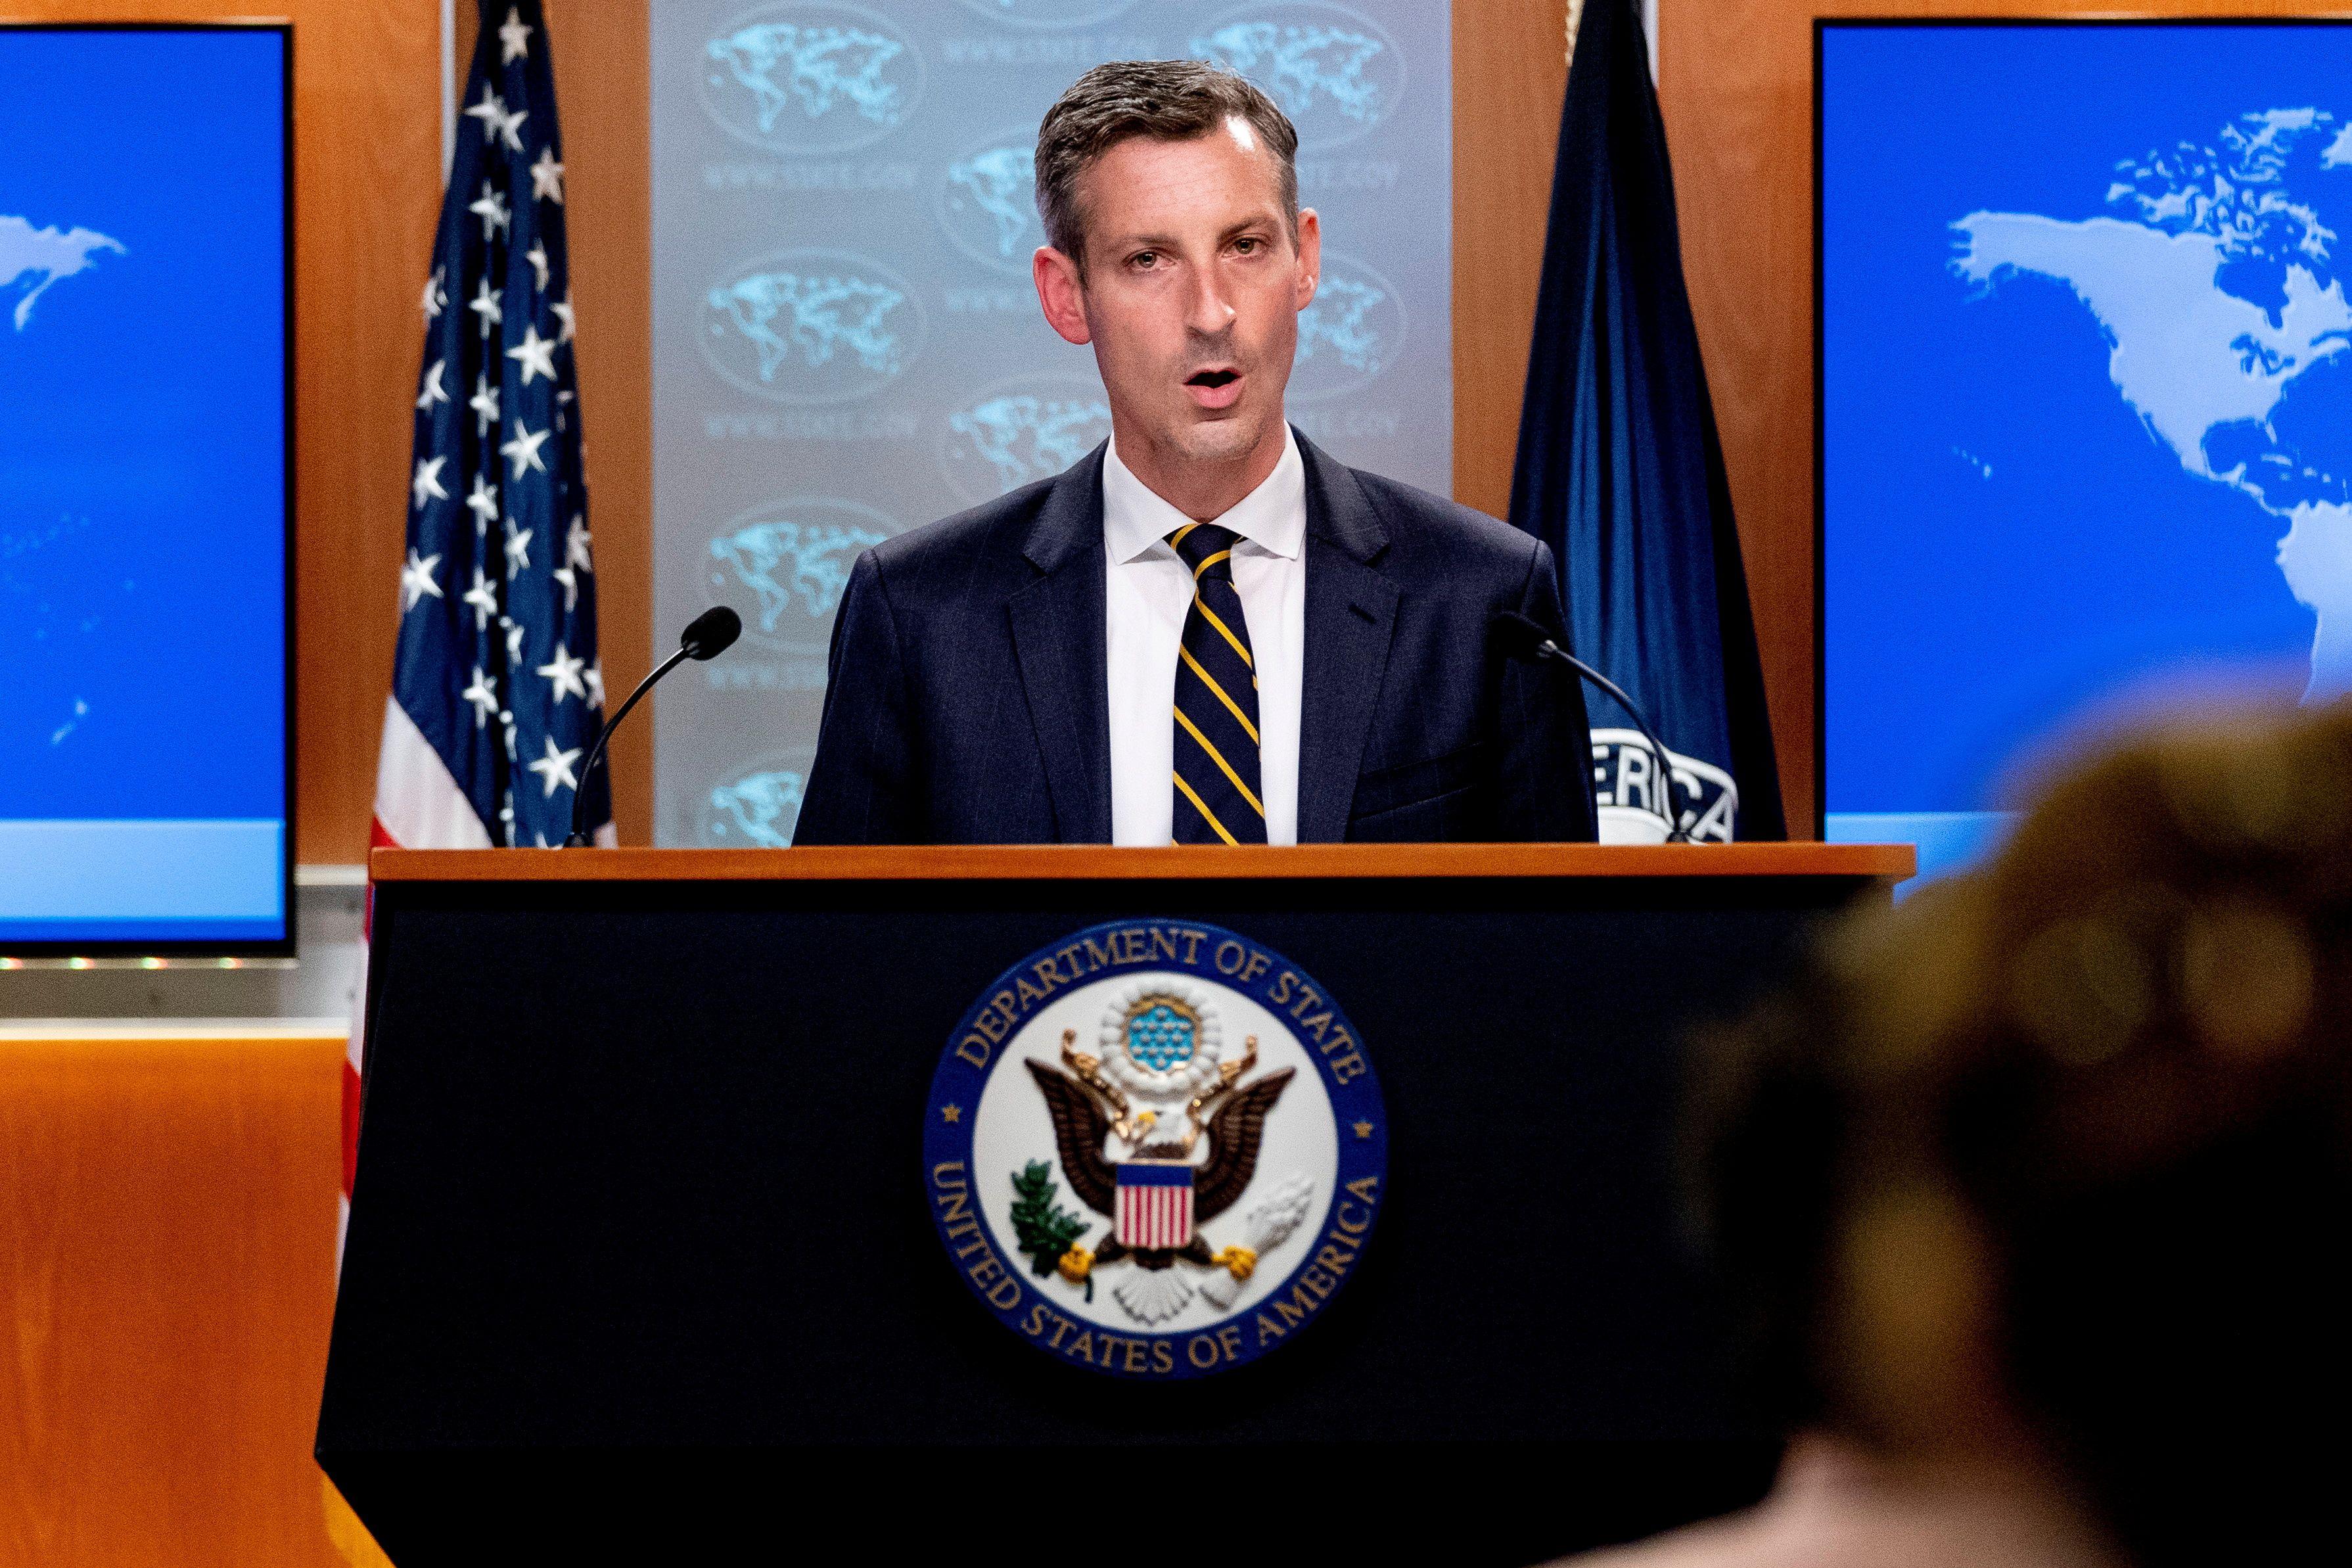 El portavoz del Departamento de Estado, Ned Price